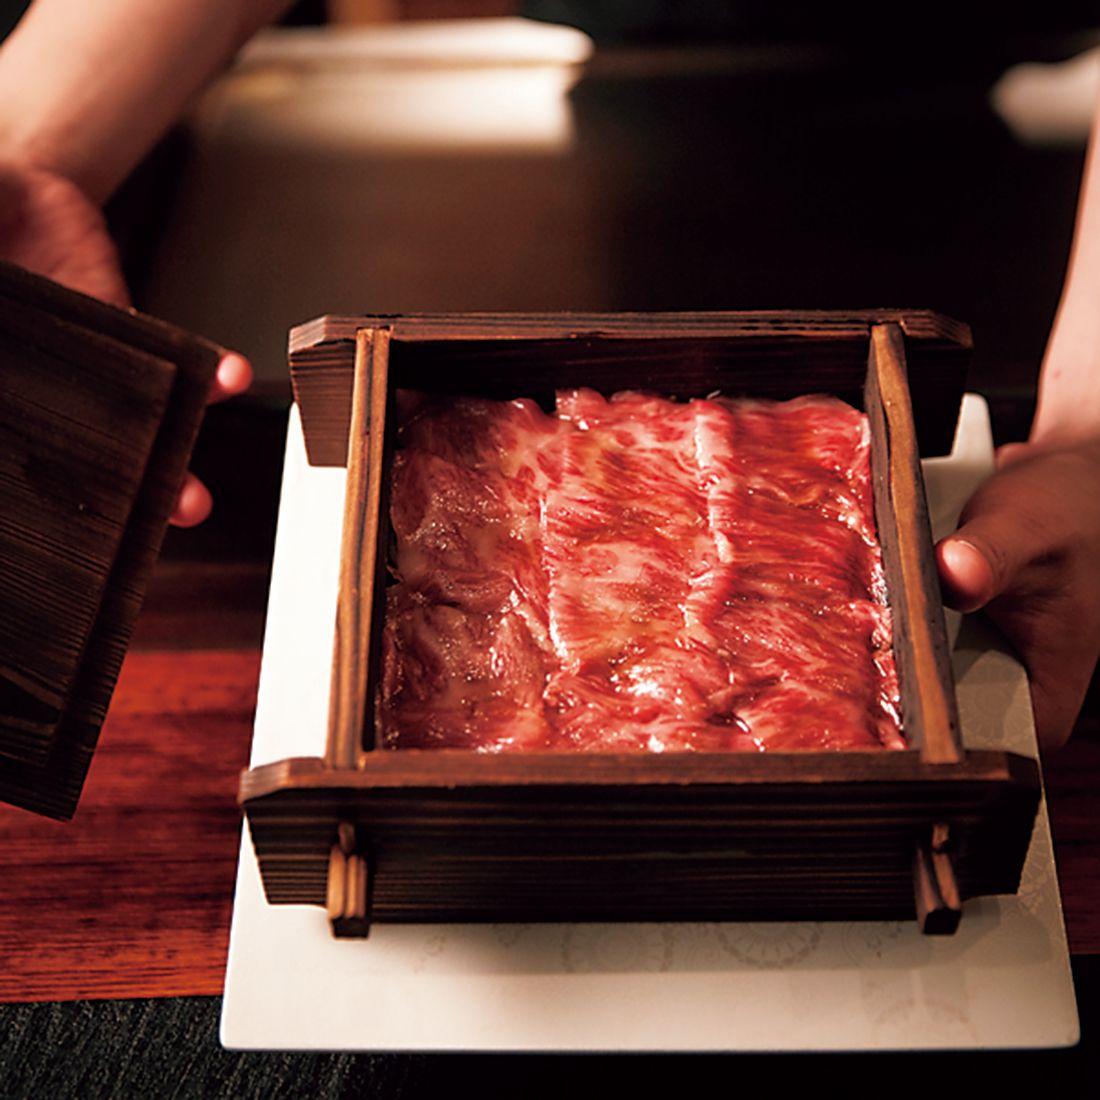 サーロインは脂が溶ける程度に、カイノミはレアで火を入れるタイミングをずらして蒸し、茶碗で供される。